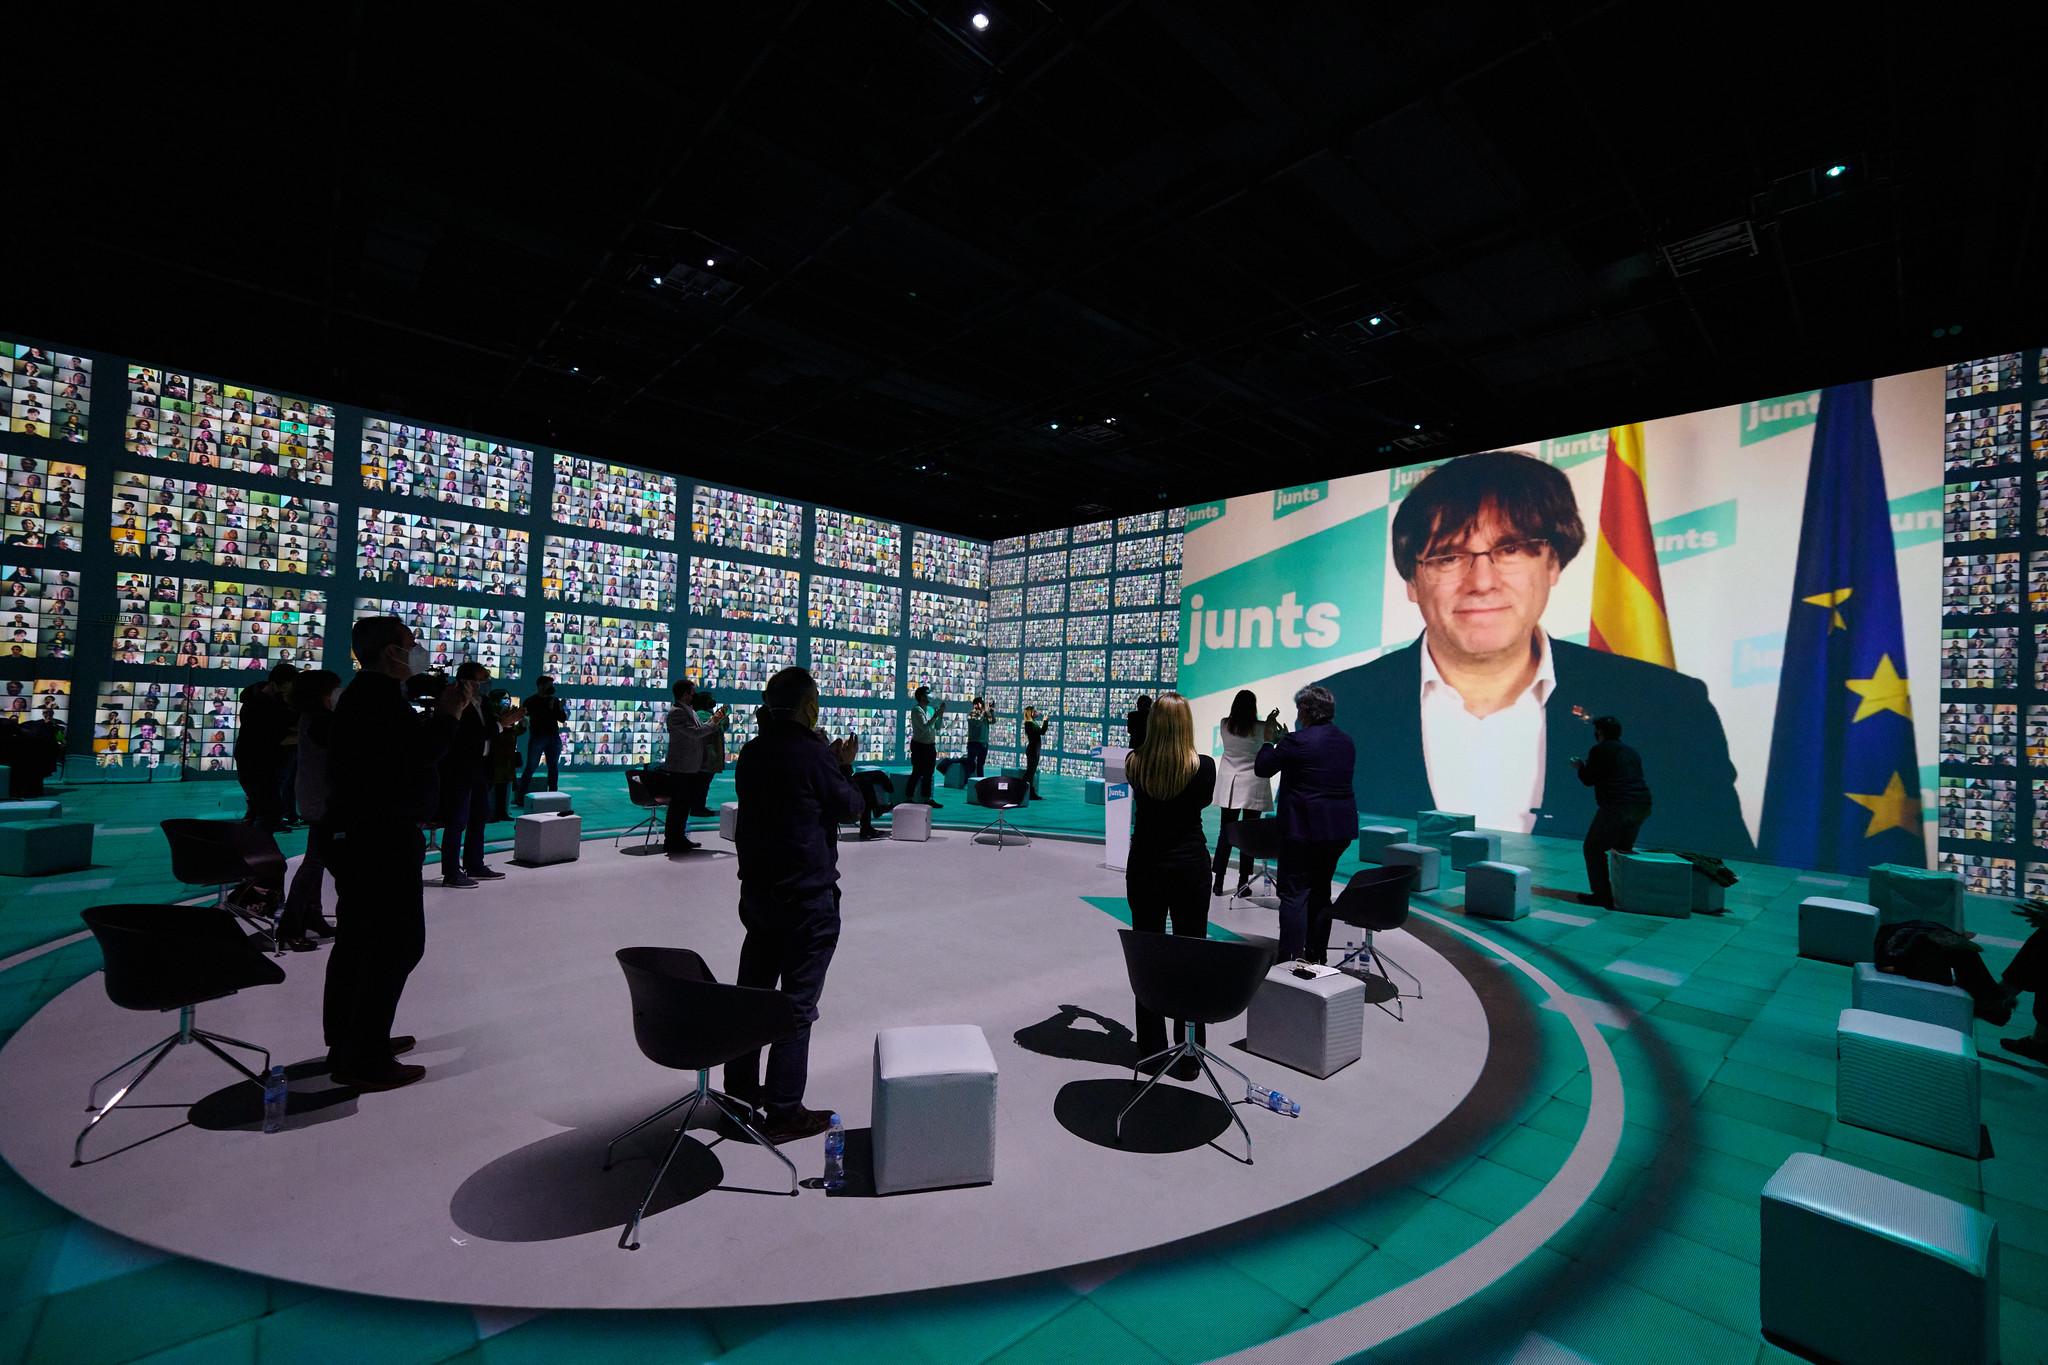 Carles Puigdemont interviene telemáticamente en el acto final de campaña para las elecciones del 14-F / Julio Díaz